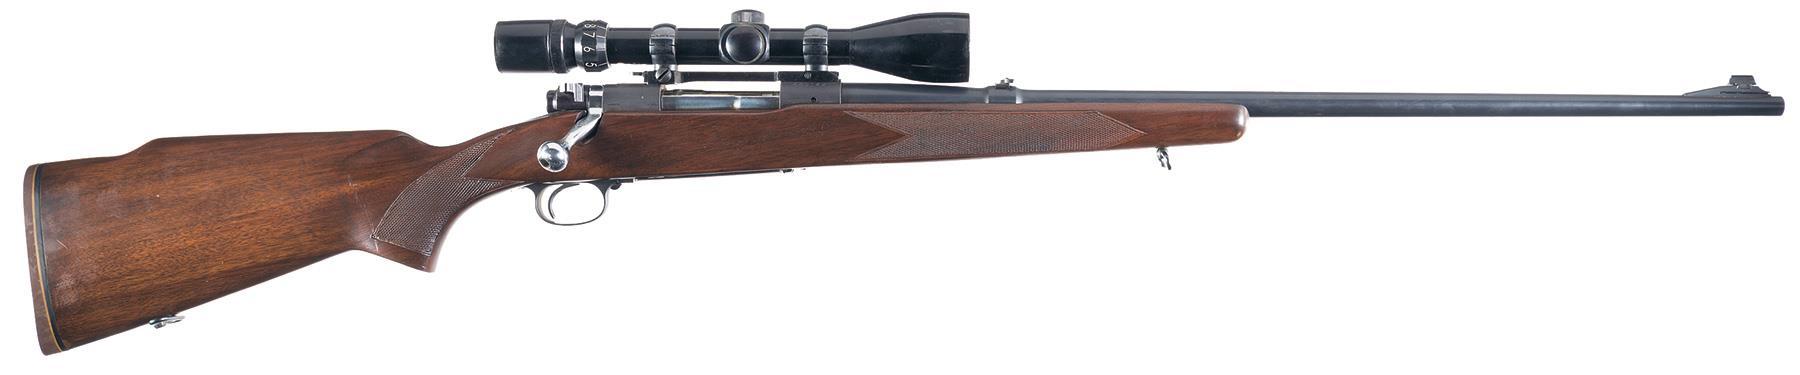 Pre-64 Winchester Model 70 rifle 264 Winchester Magnum